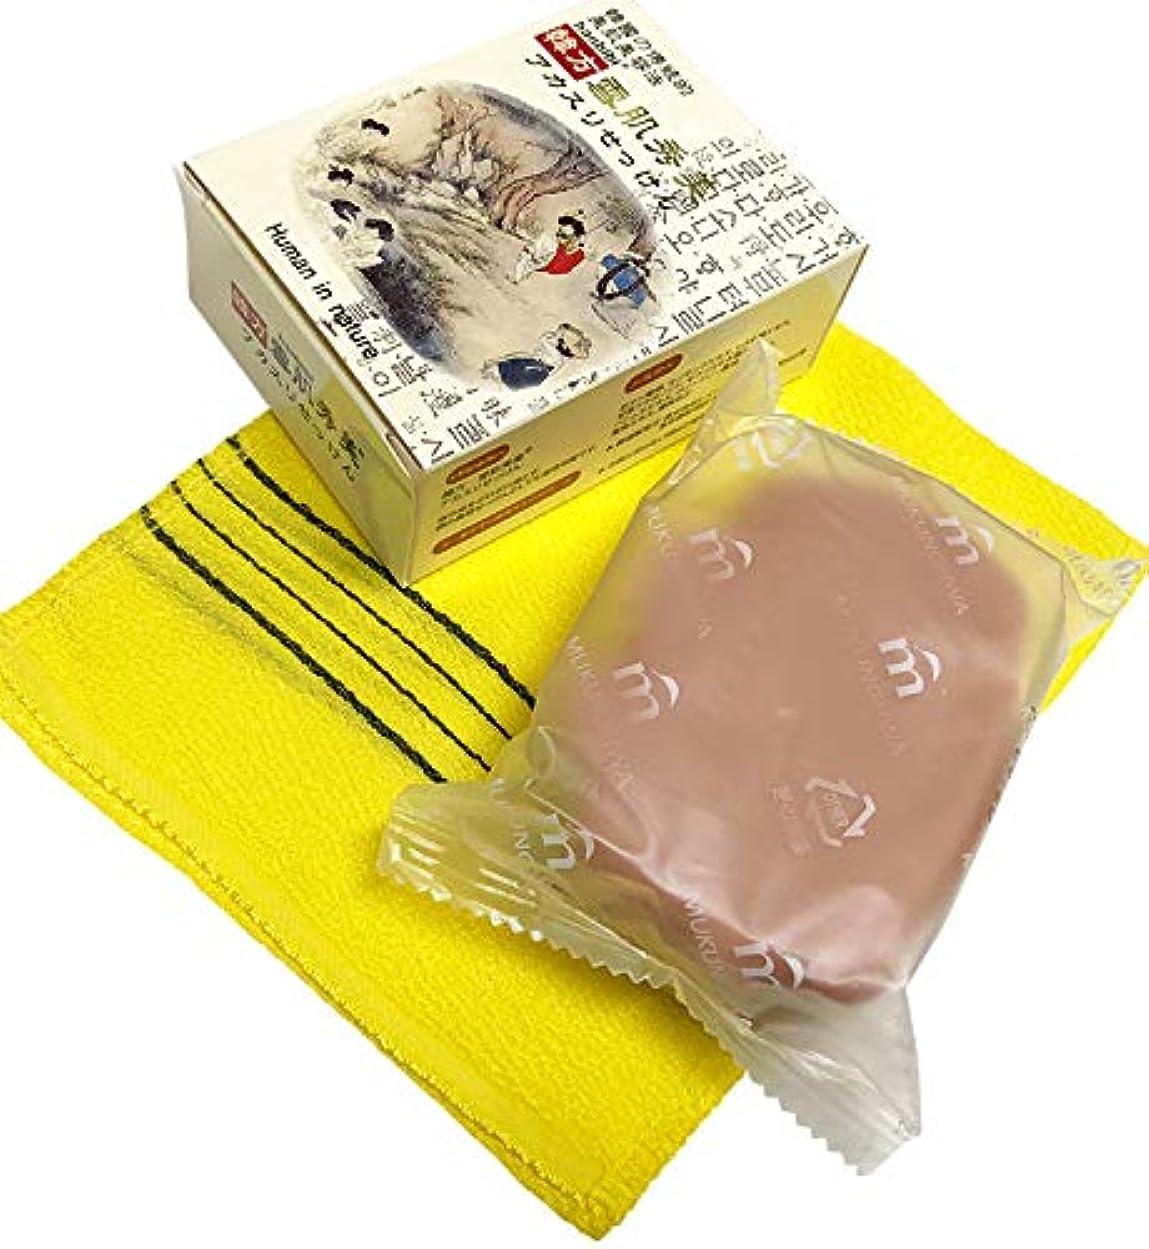 オークランド電気差人気の顔、体兼用、蜂蜜香りの韓方石ケン、韓国コスメ 韓方[雪肌美]蜂蜜アカスリせっけん アカスリ専用タオル付き